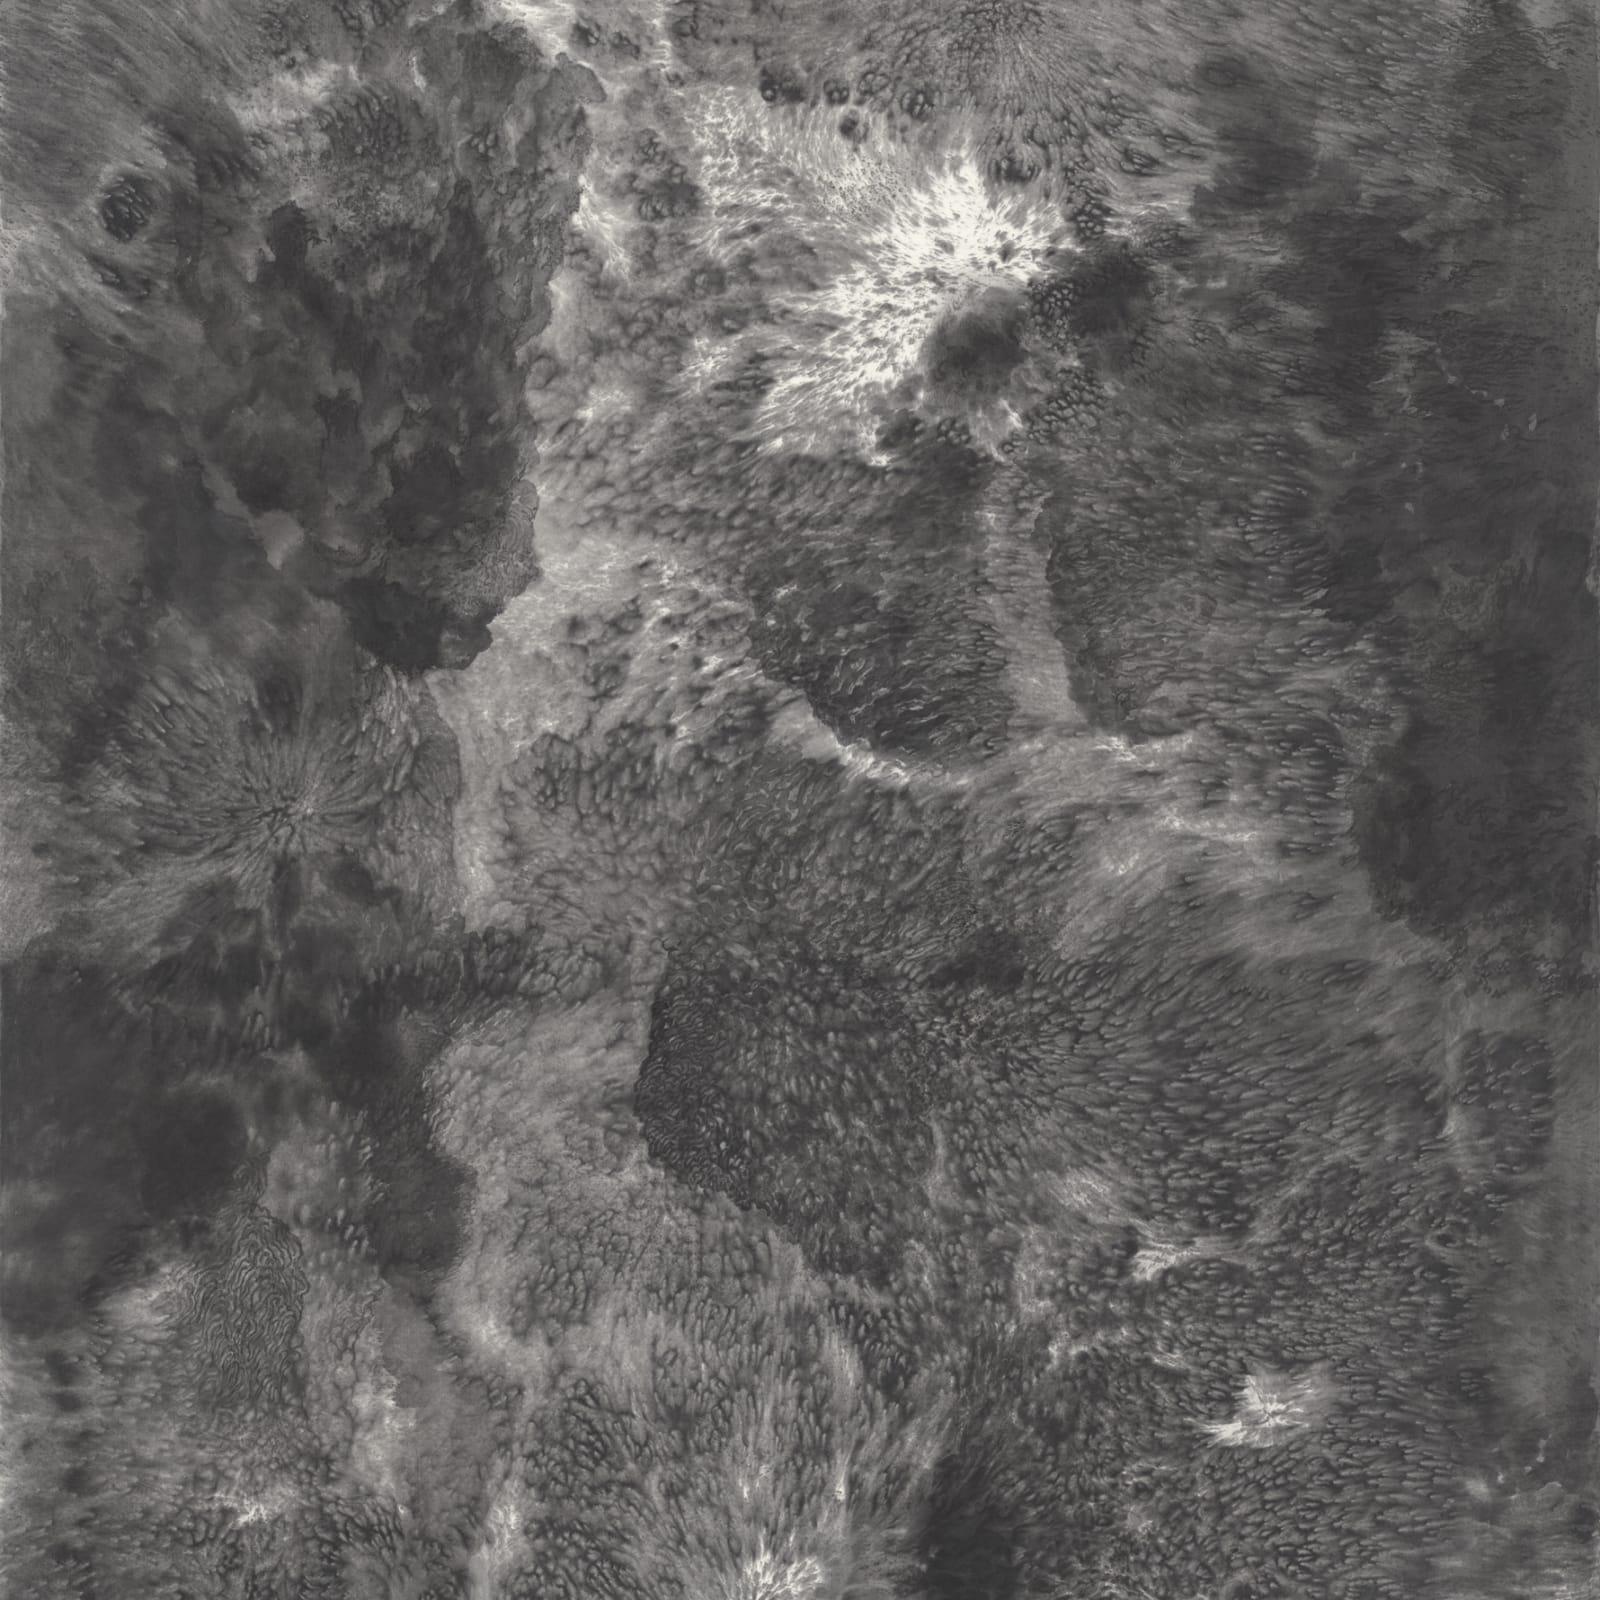 Bingyi 冰逸, Archaeology of Waves (6) 波相绘画 (6), 2019